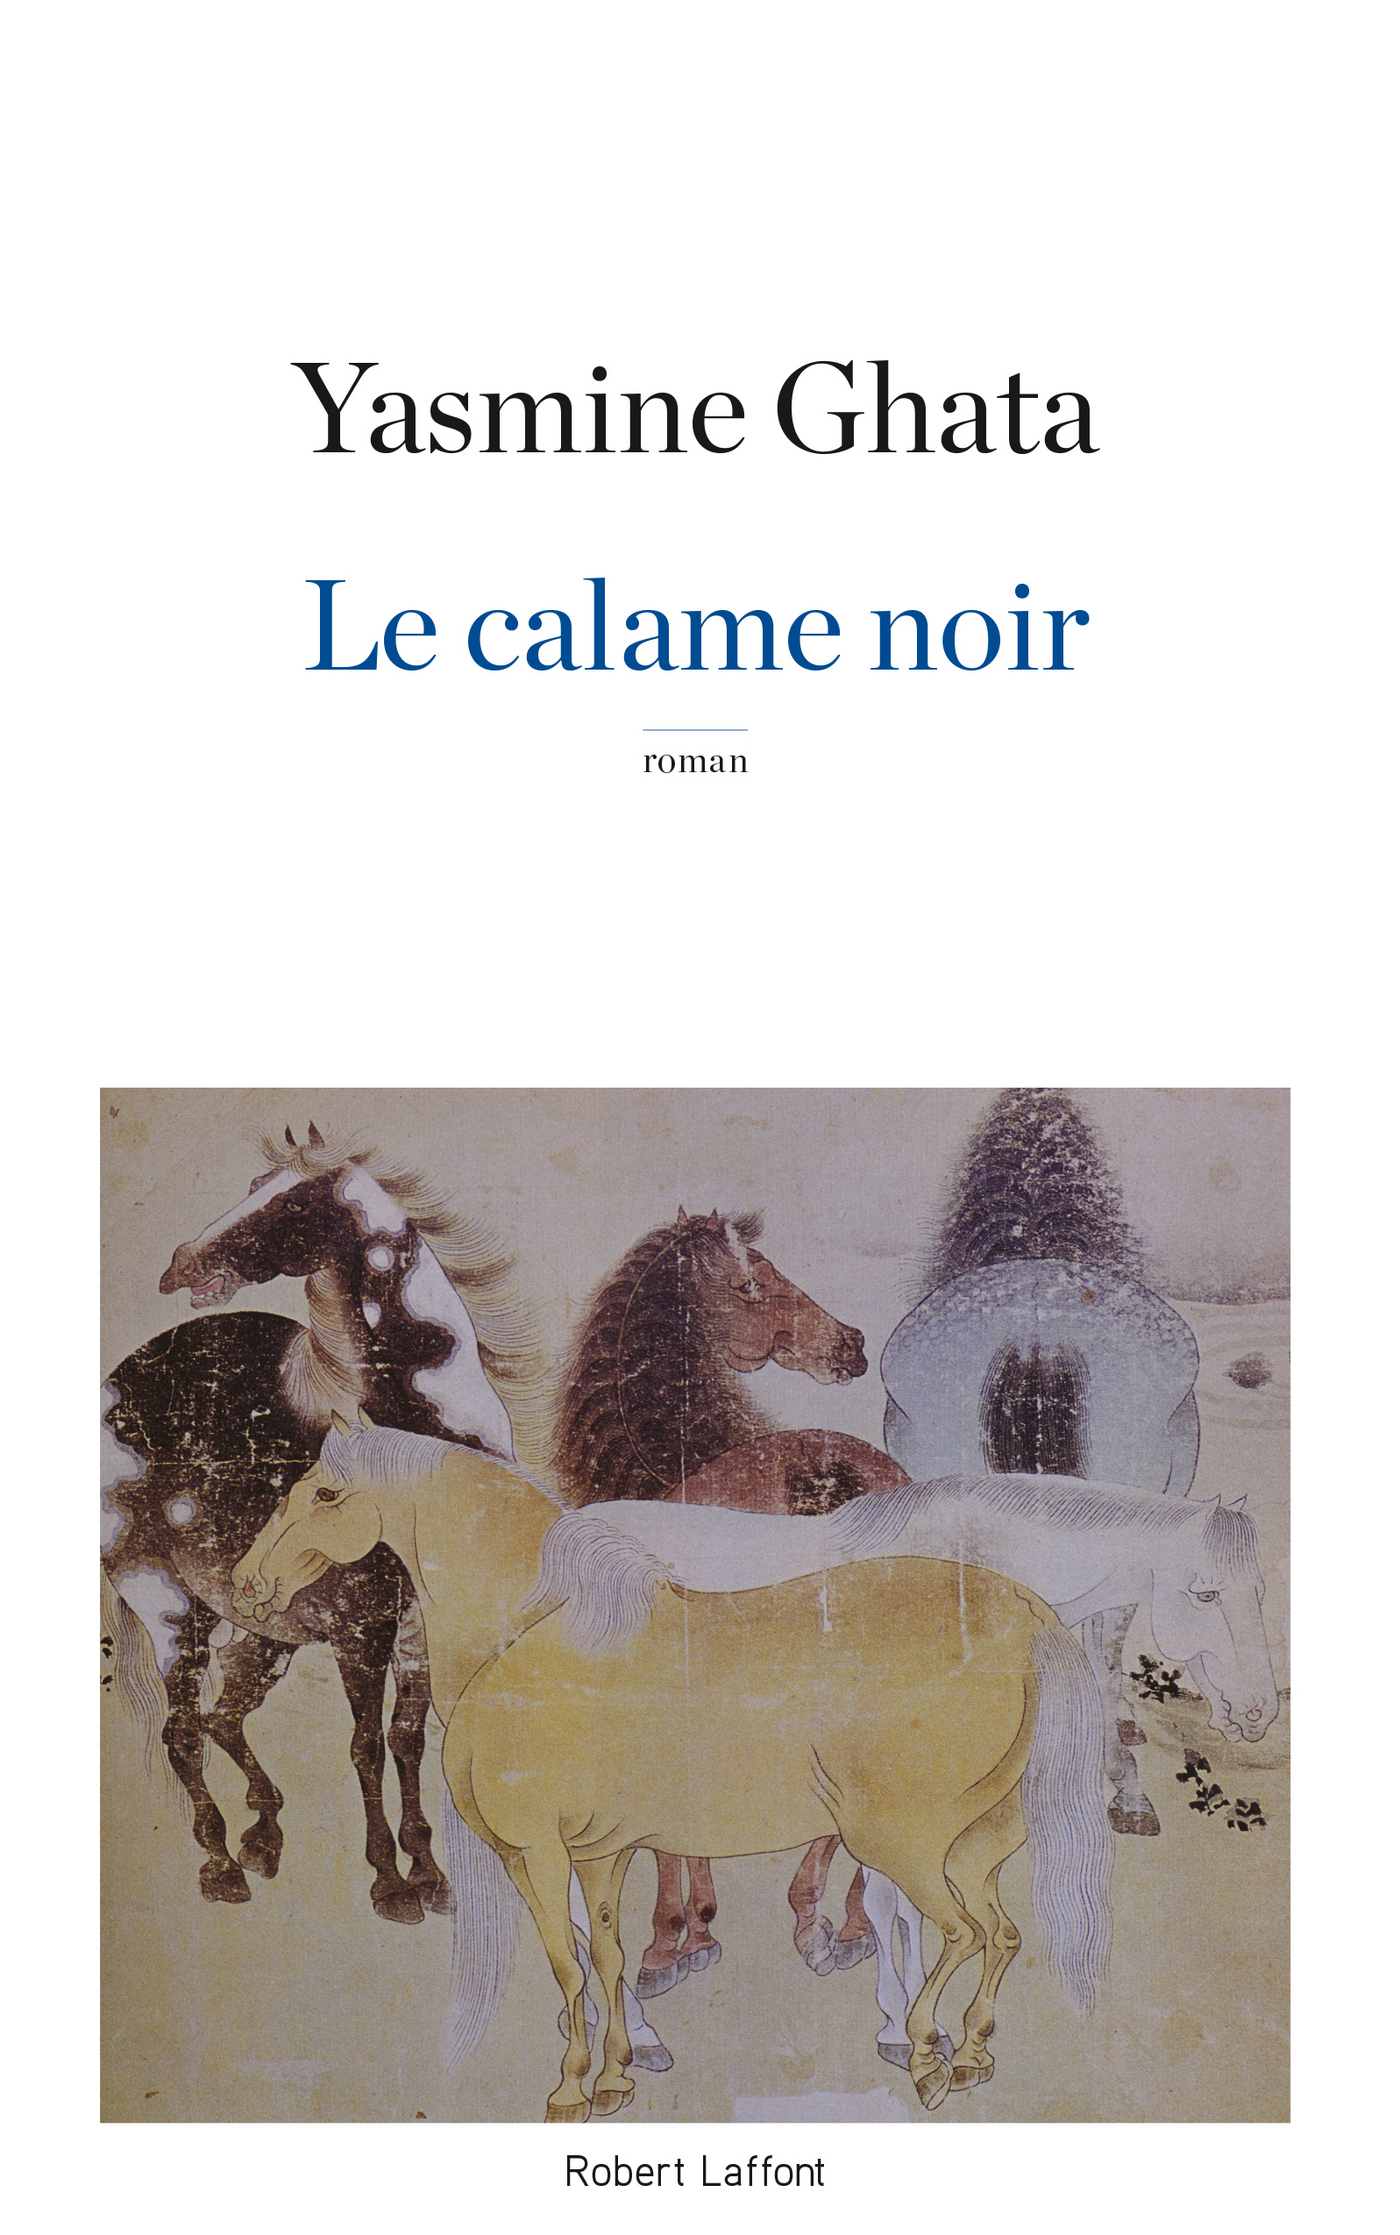 Le Calame noir | GHATA, Yasmine